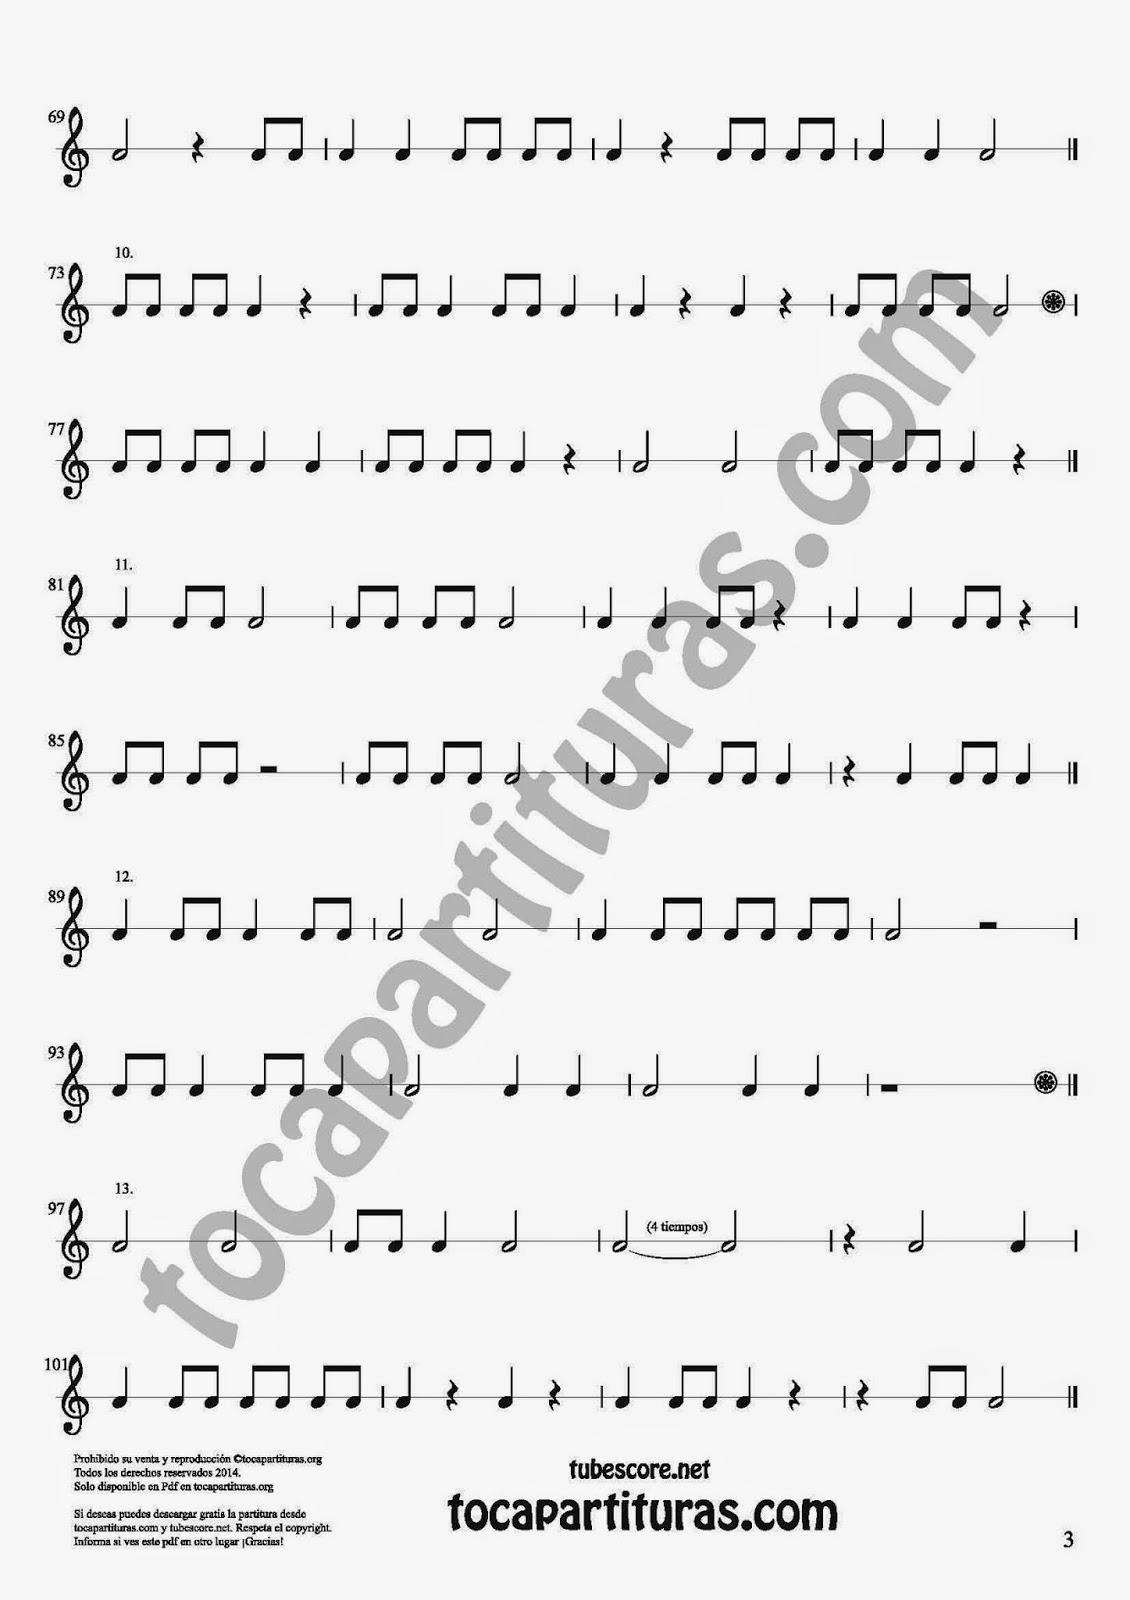 3 Parte 35 Ejercicios Rítmicos para Aprender Solfeo Negras, corcheas, blancas y sus Silencios Compás 4x4 cuatro tiempos Sheet Music for quarter notes, half notes, 1/8 notes and silences